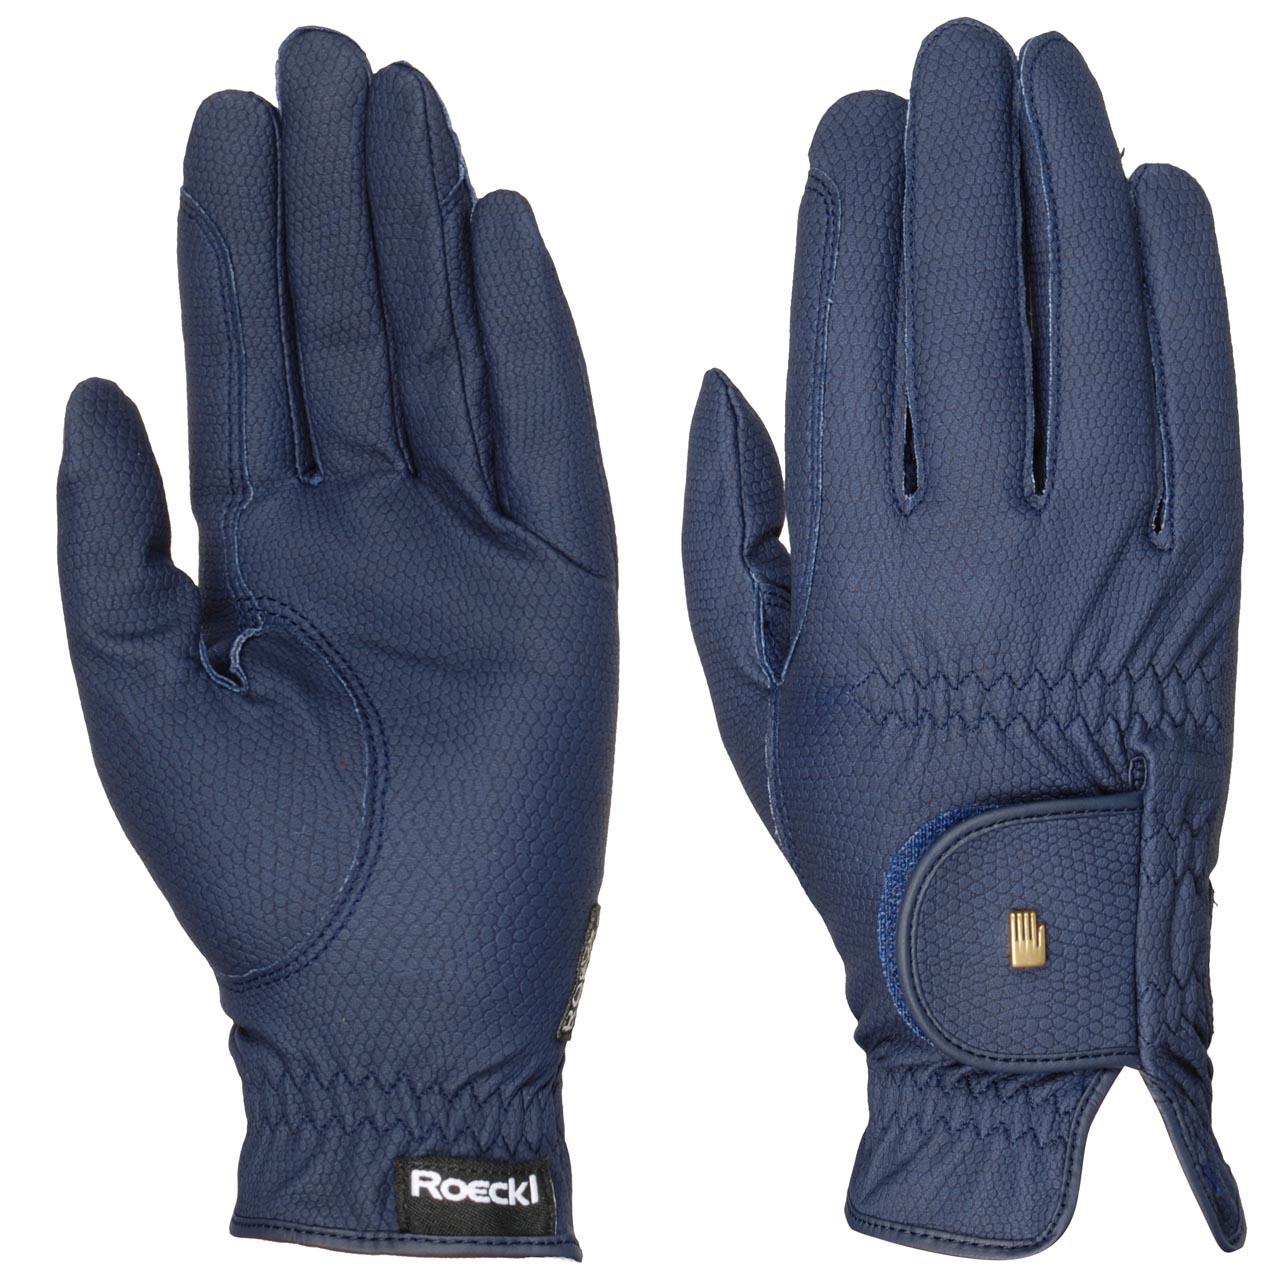 Roeckl Roeck grip Handschoen blauw maat:7